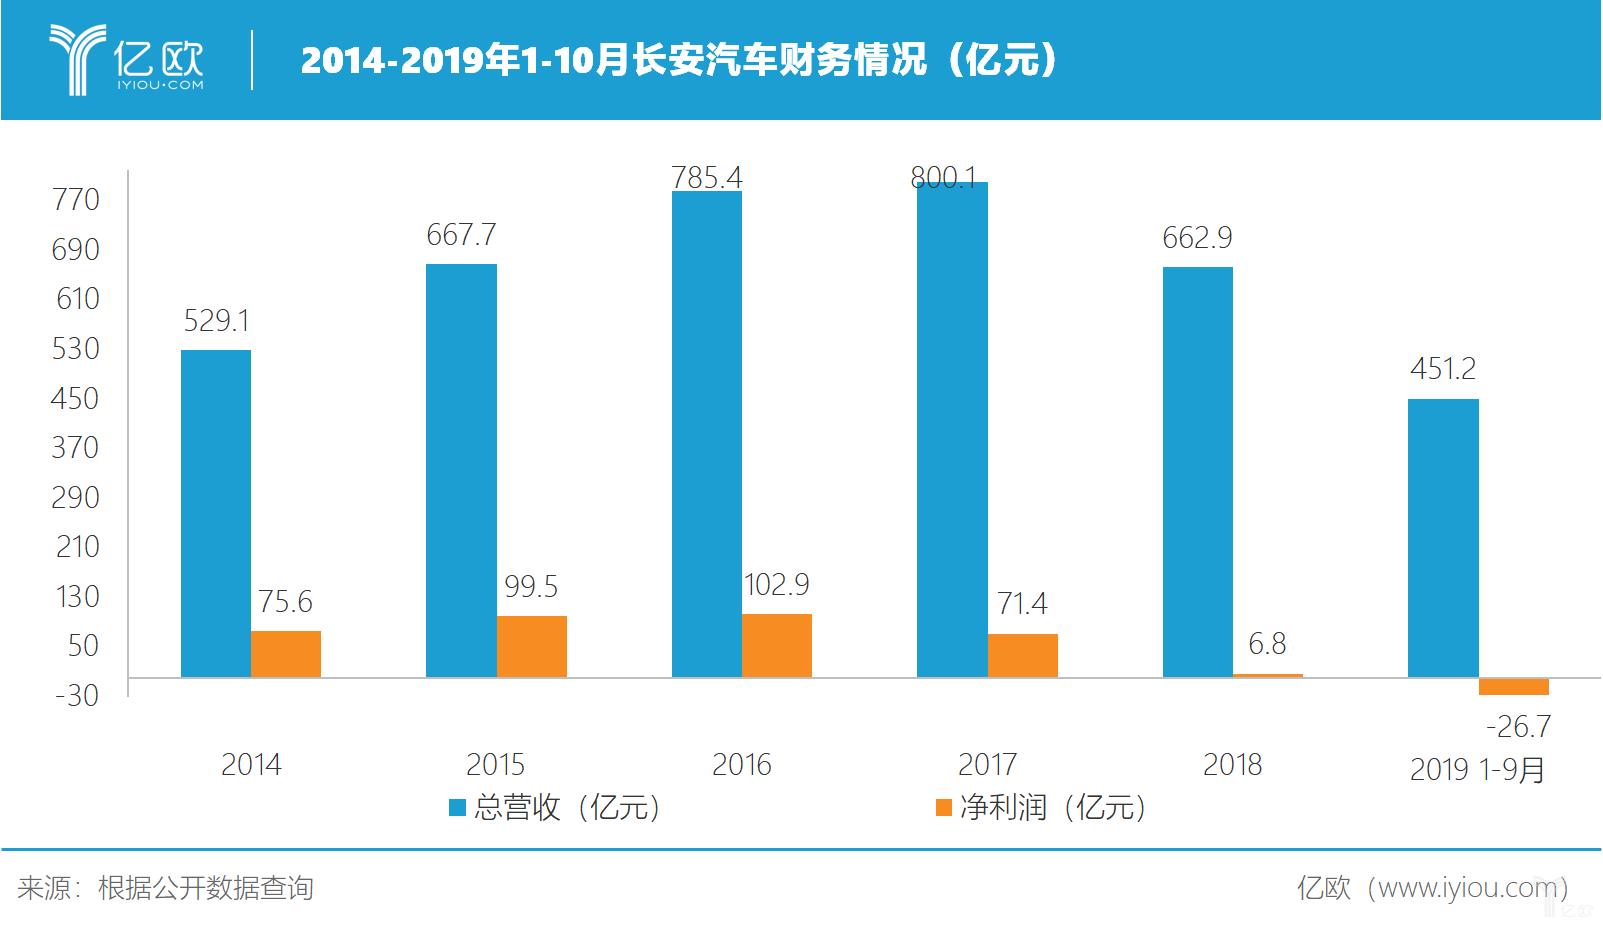 2014-2019年长安汽车财务情况